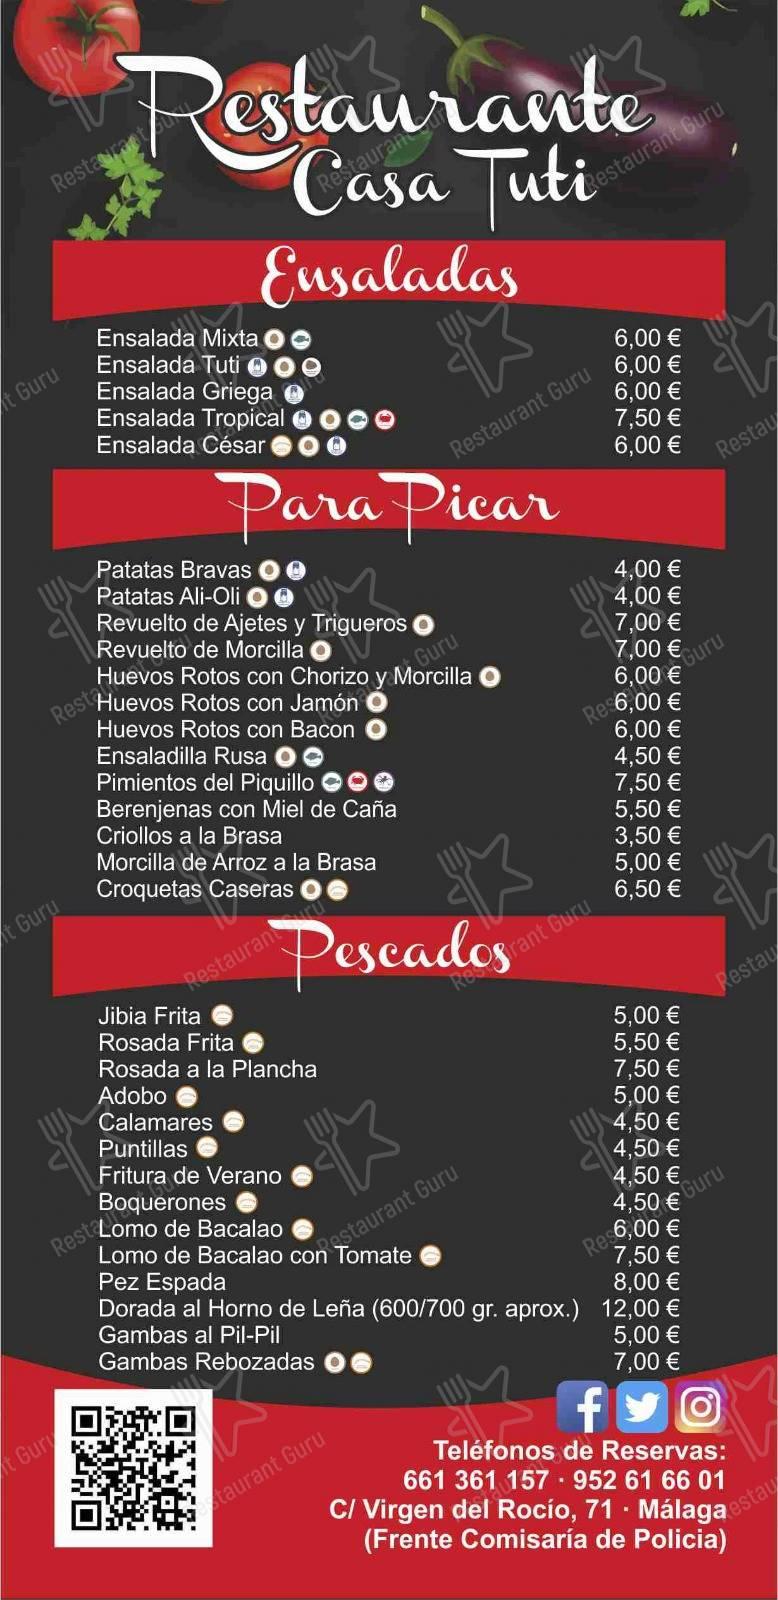 Меню Restaurante Casa Tuti - еда и напитки